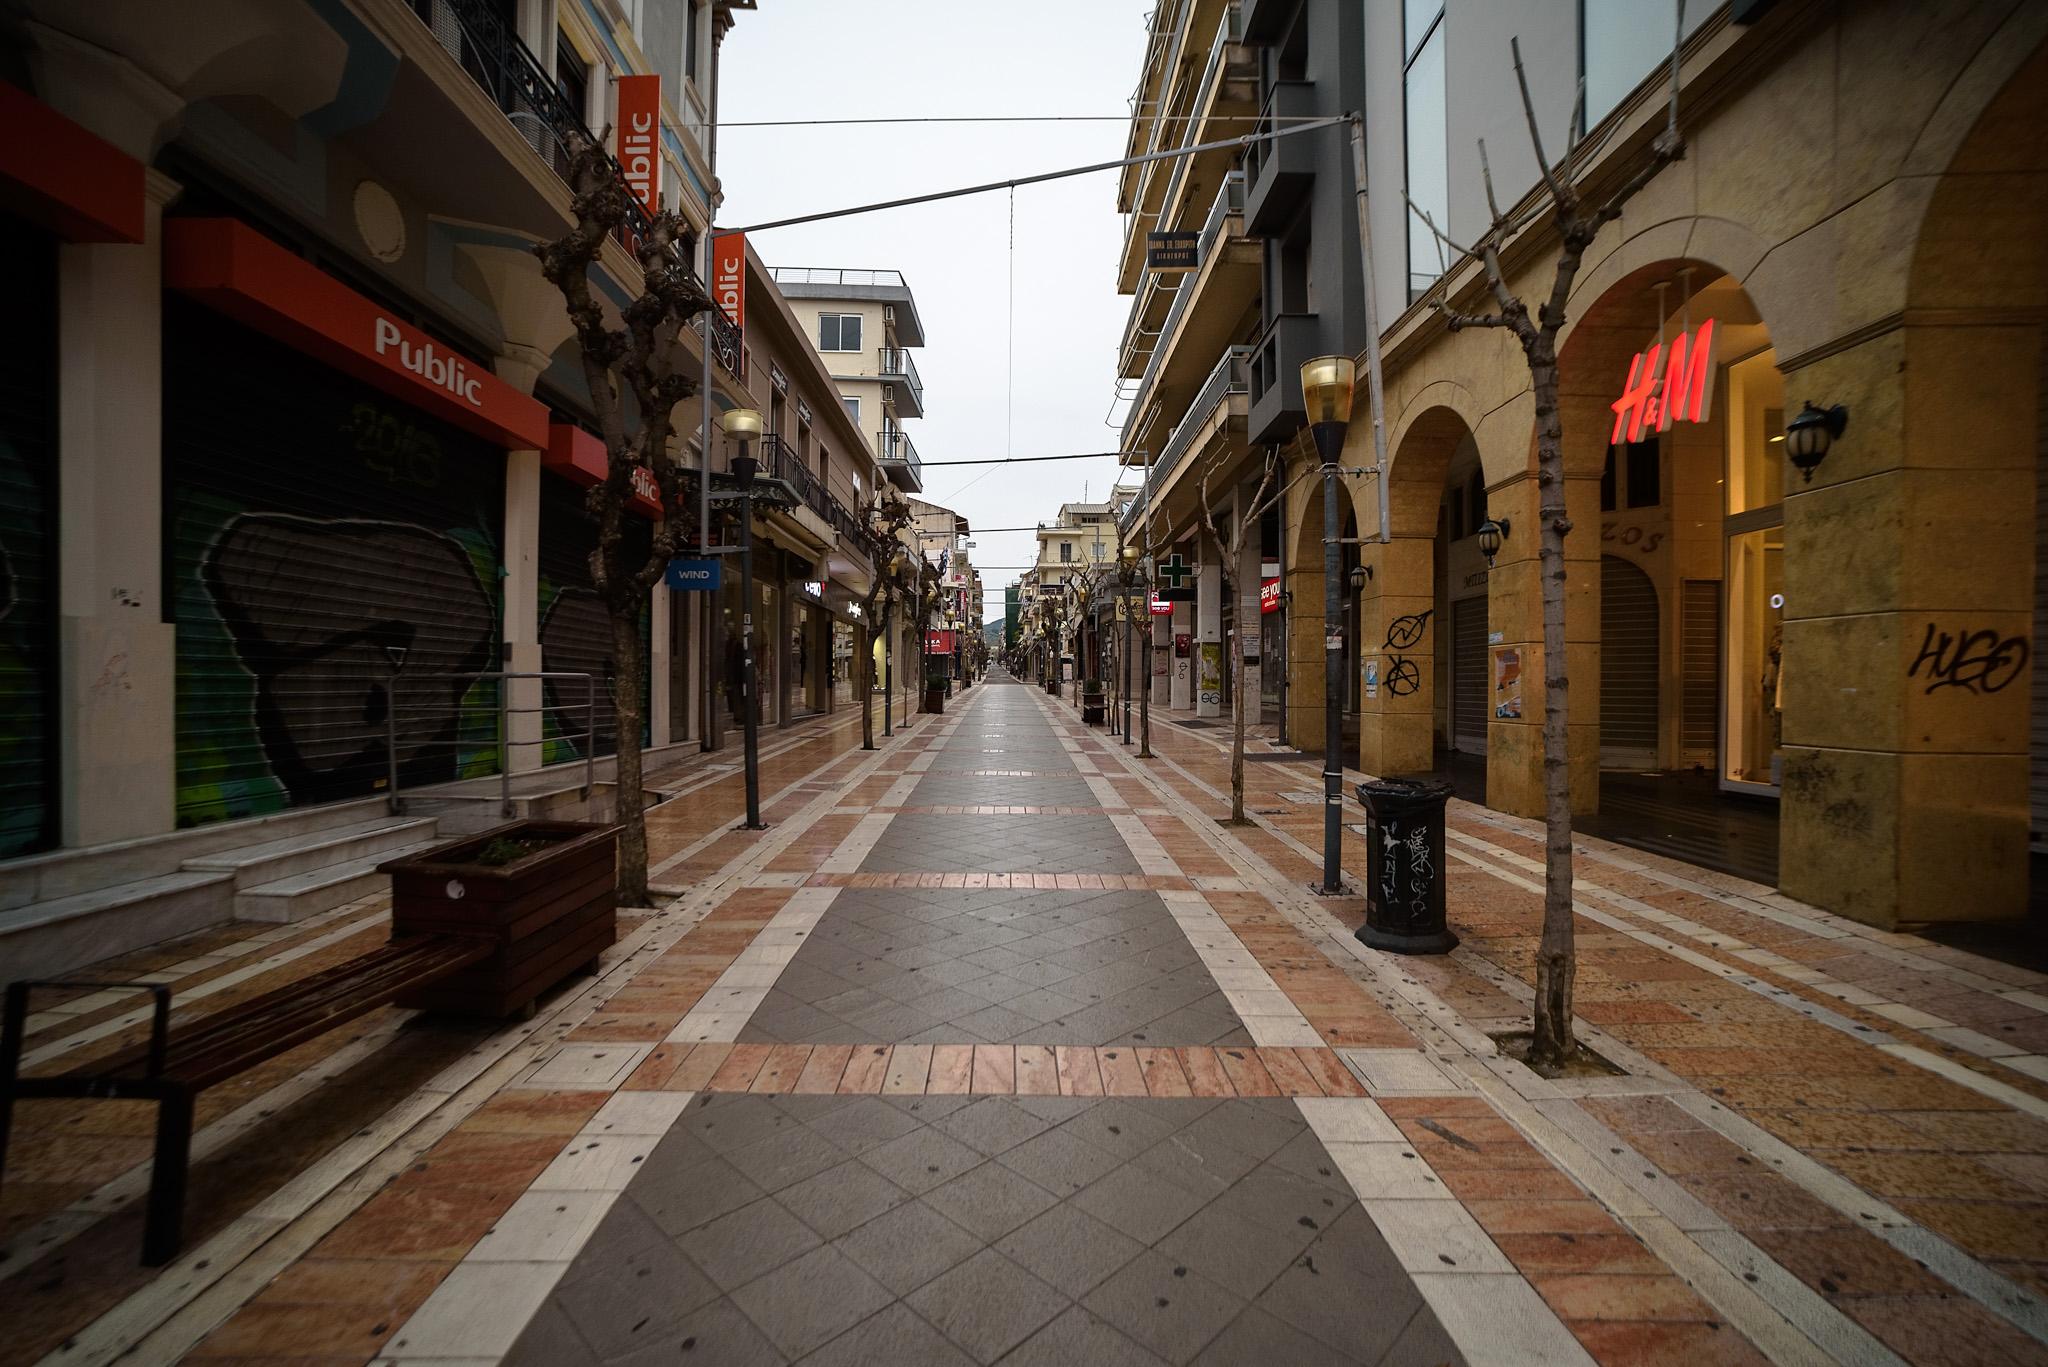 Δευτέρα 8 Ιουνίου, του Αγίου Πνεύματος: κλειστά τα εμπορικά του Αγρινίου